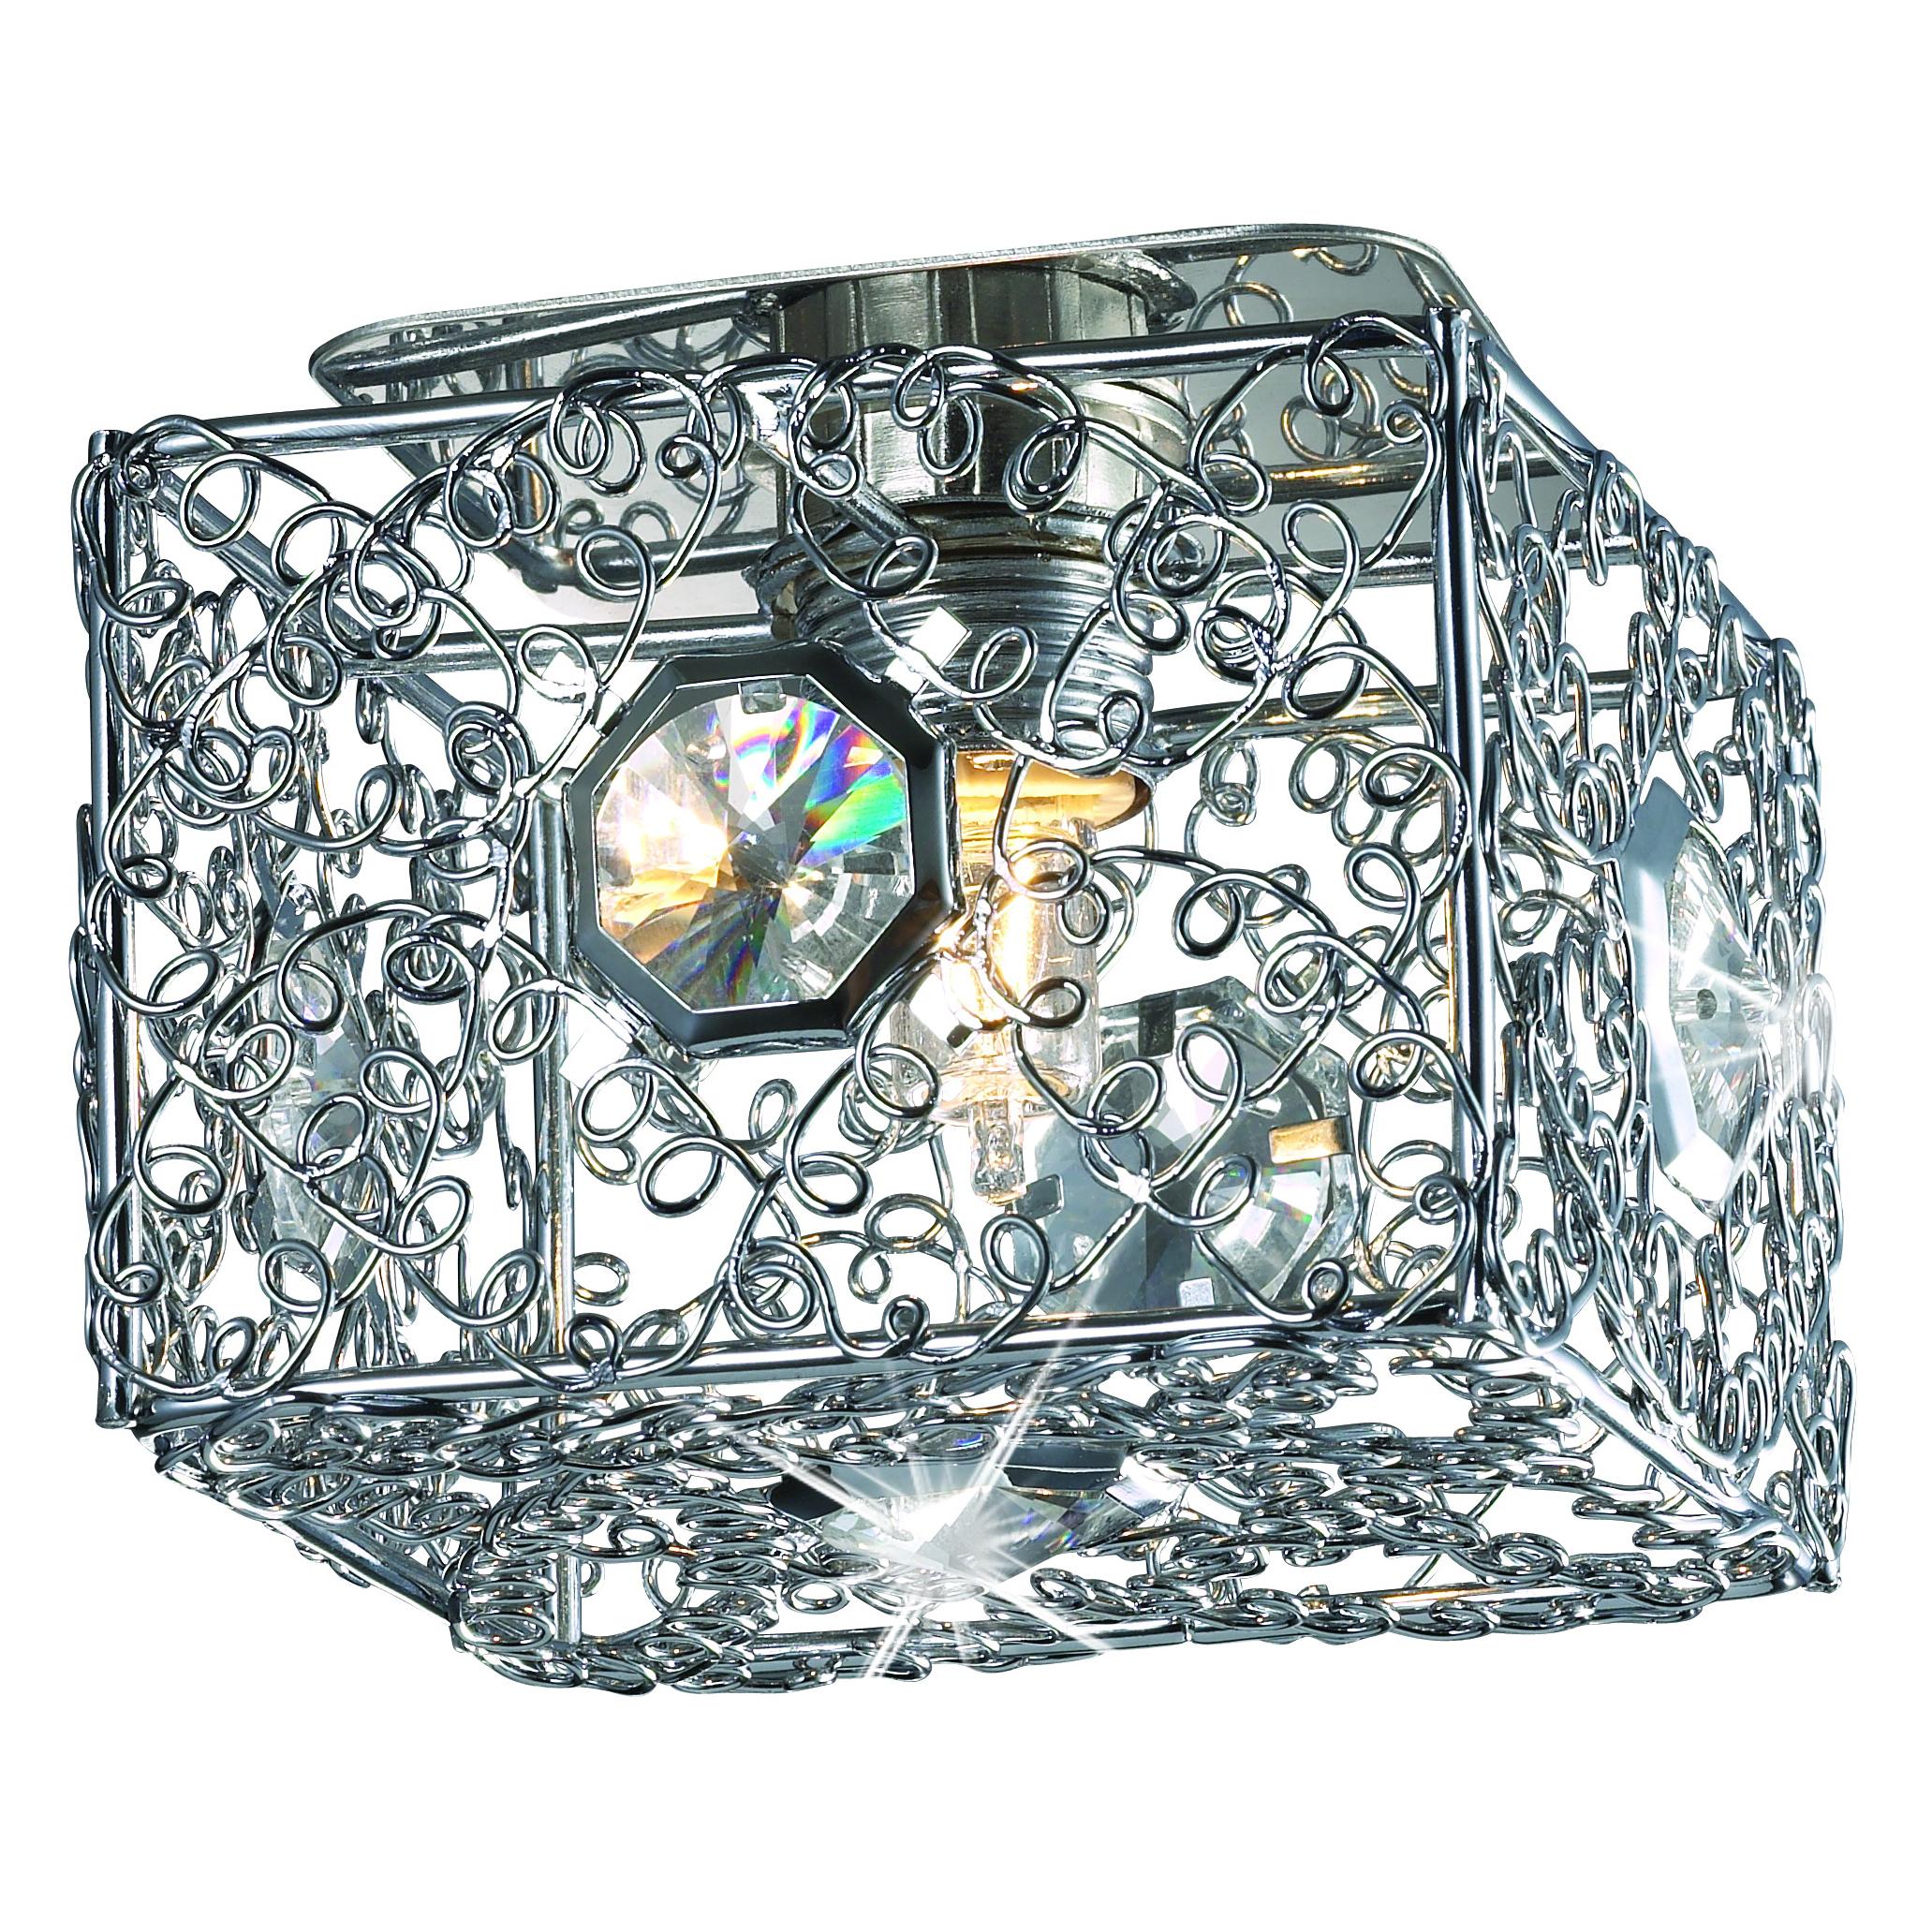 Светильник встраиваемый Novotech Lace nt09 068 369454 цена в Москве и Питере